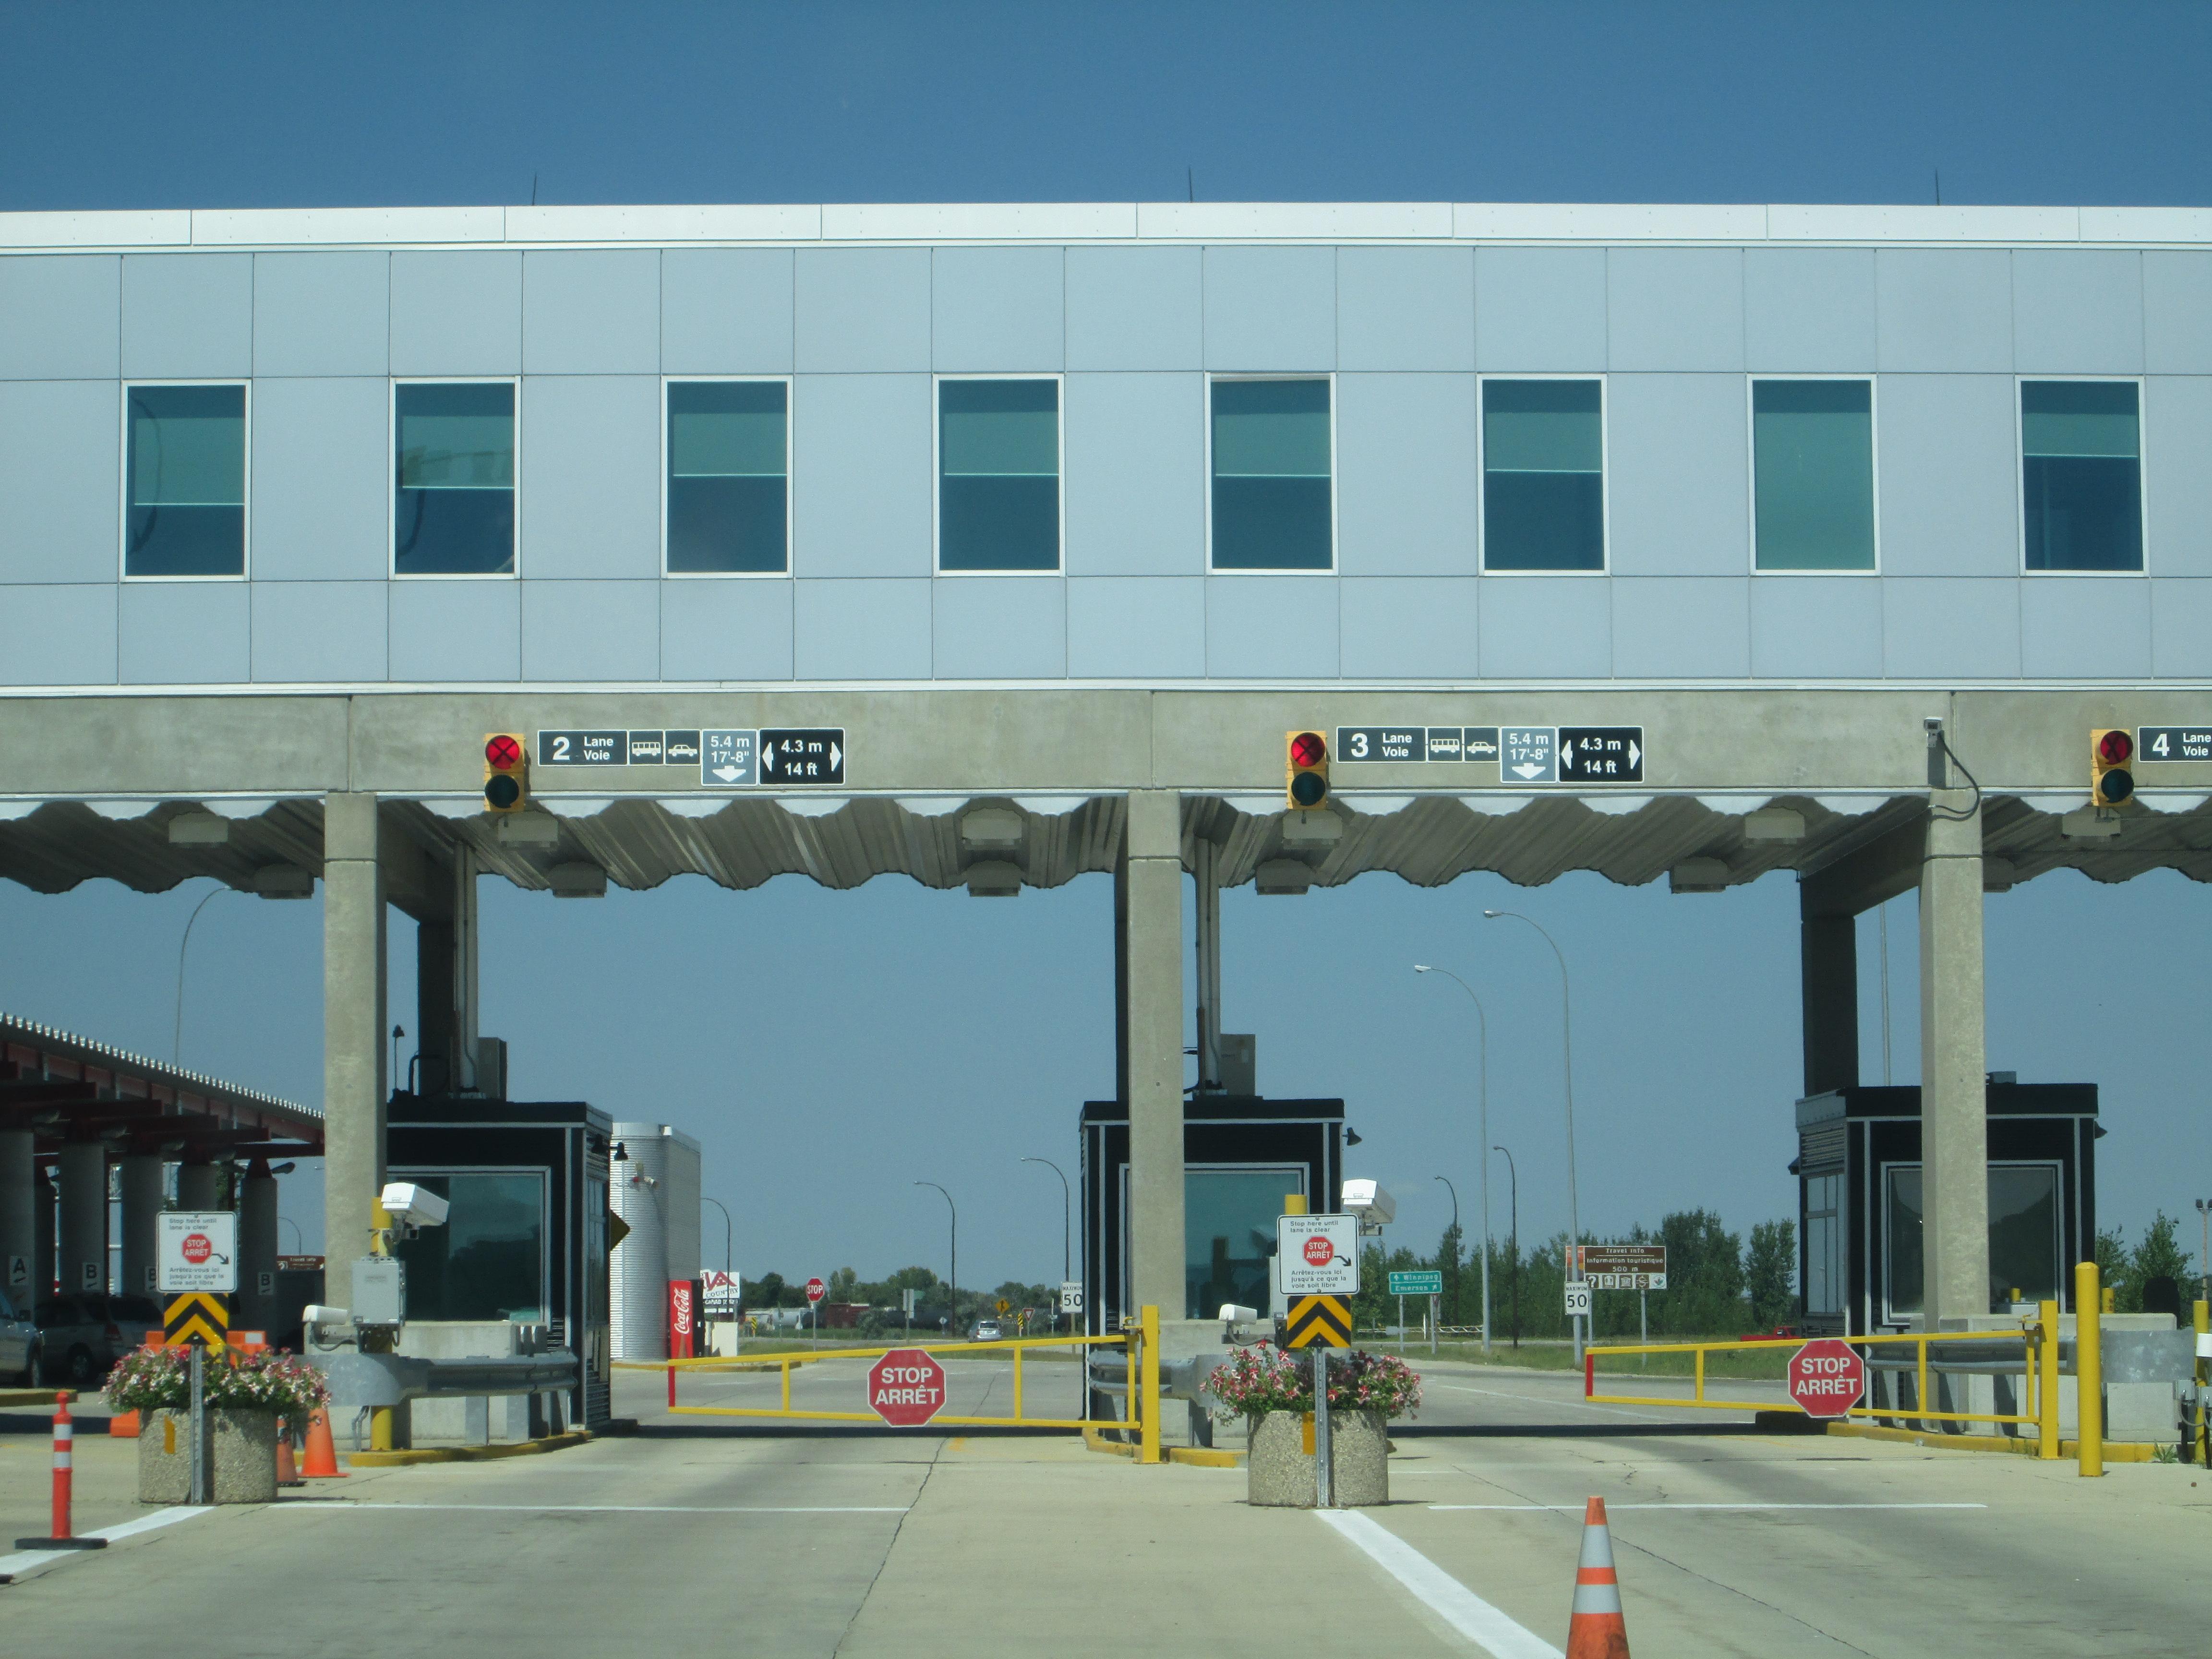 Border crossing essay questions